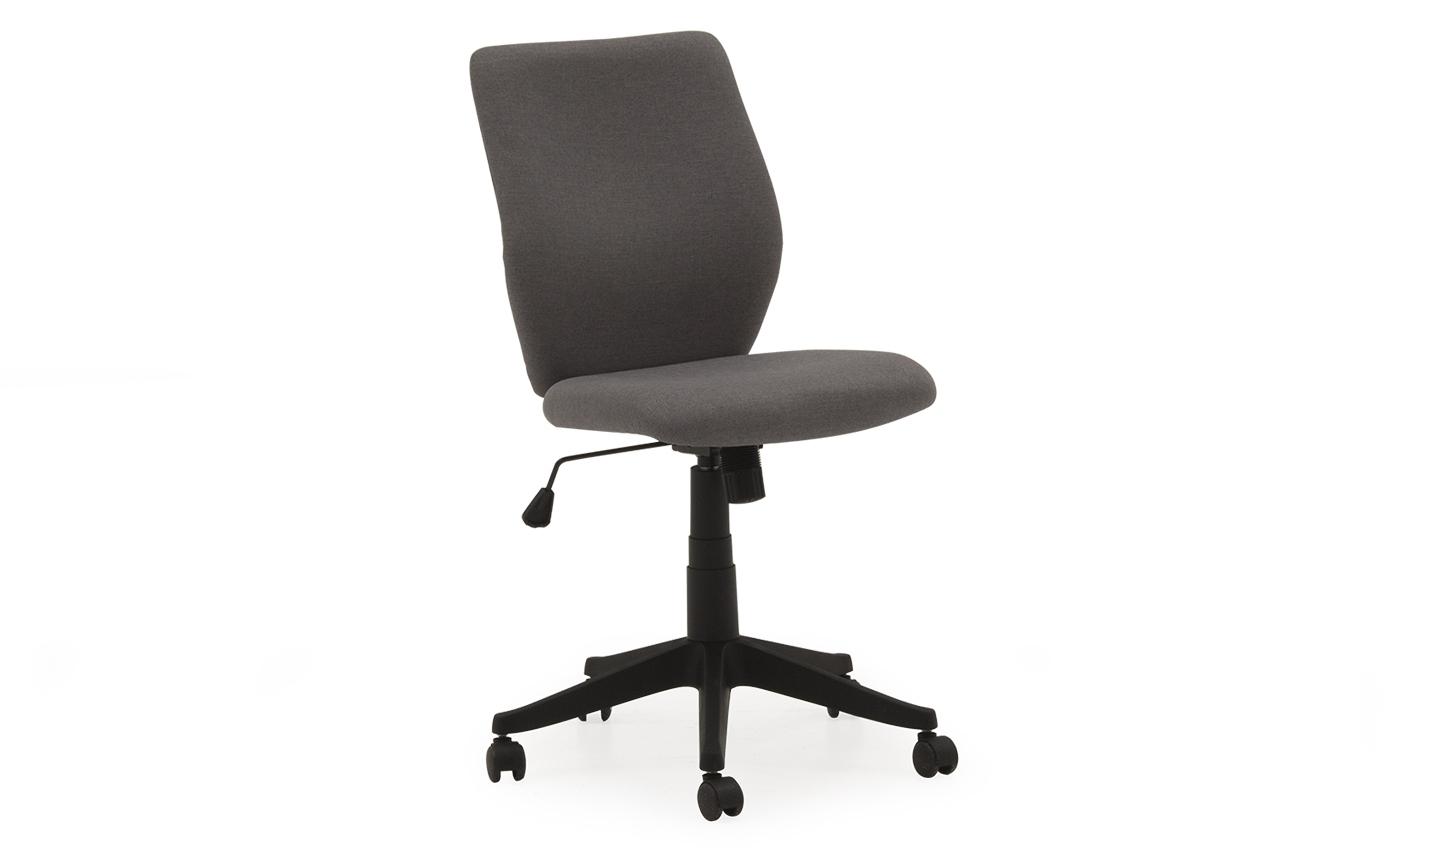 Scaun de birou ergonomic Nordin Grey l47xA555xH100 cm